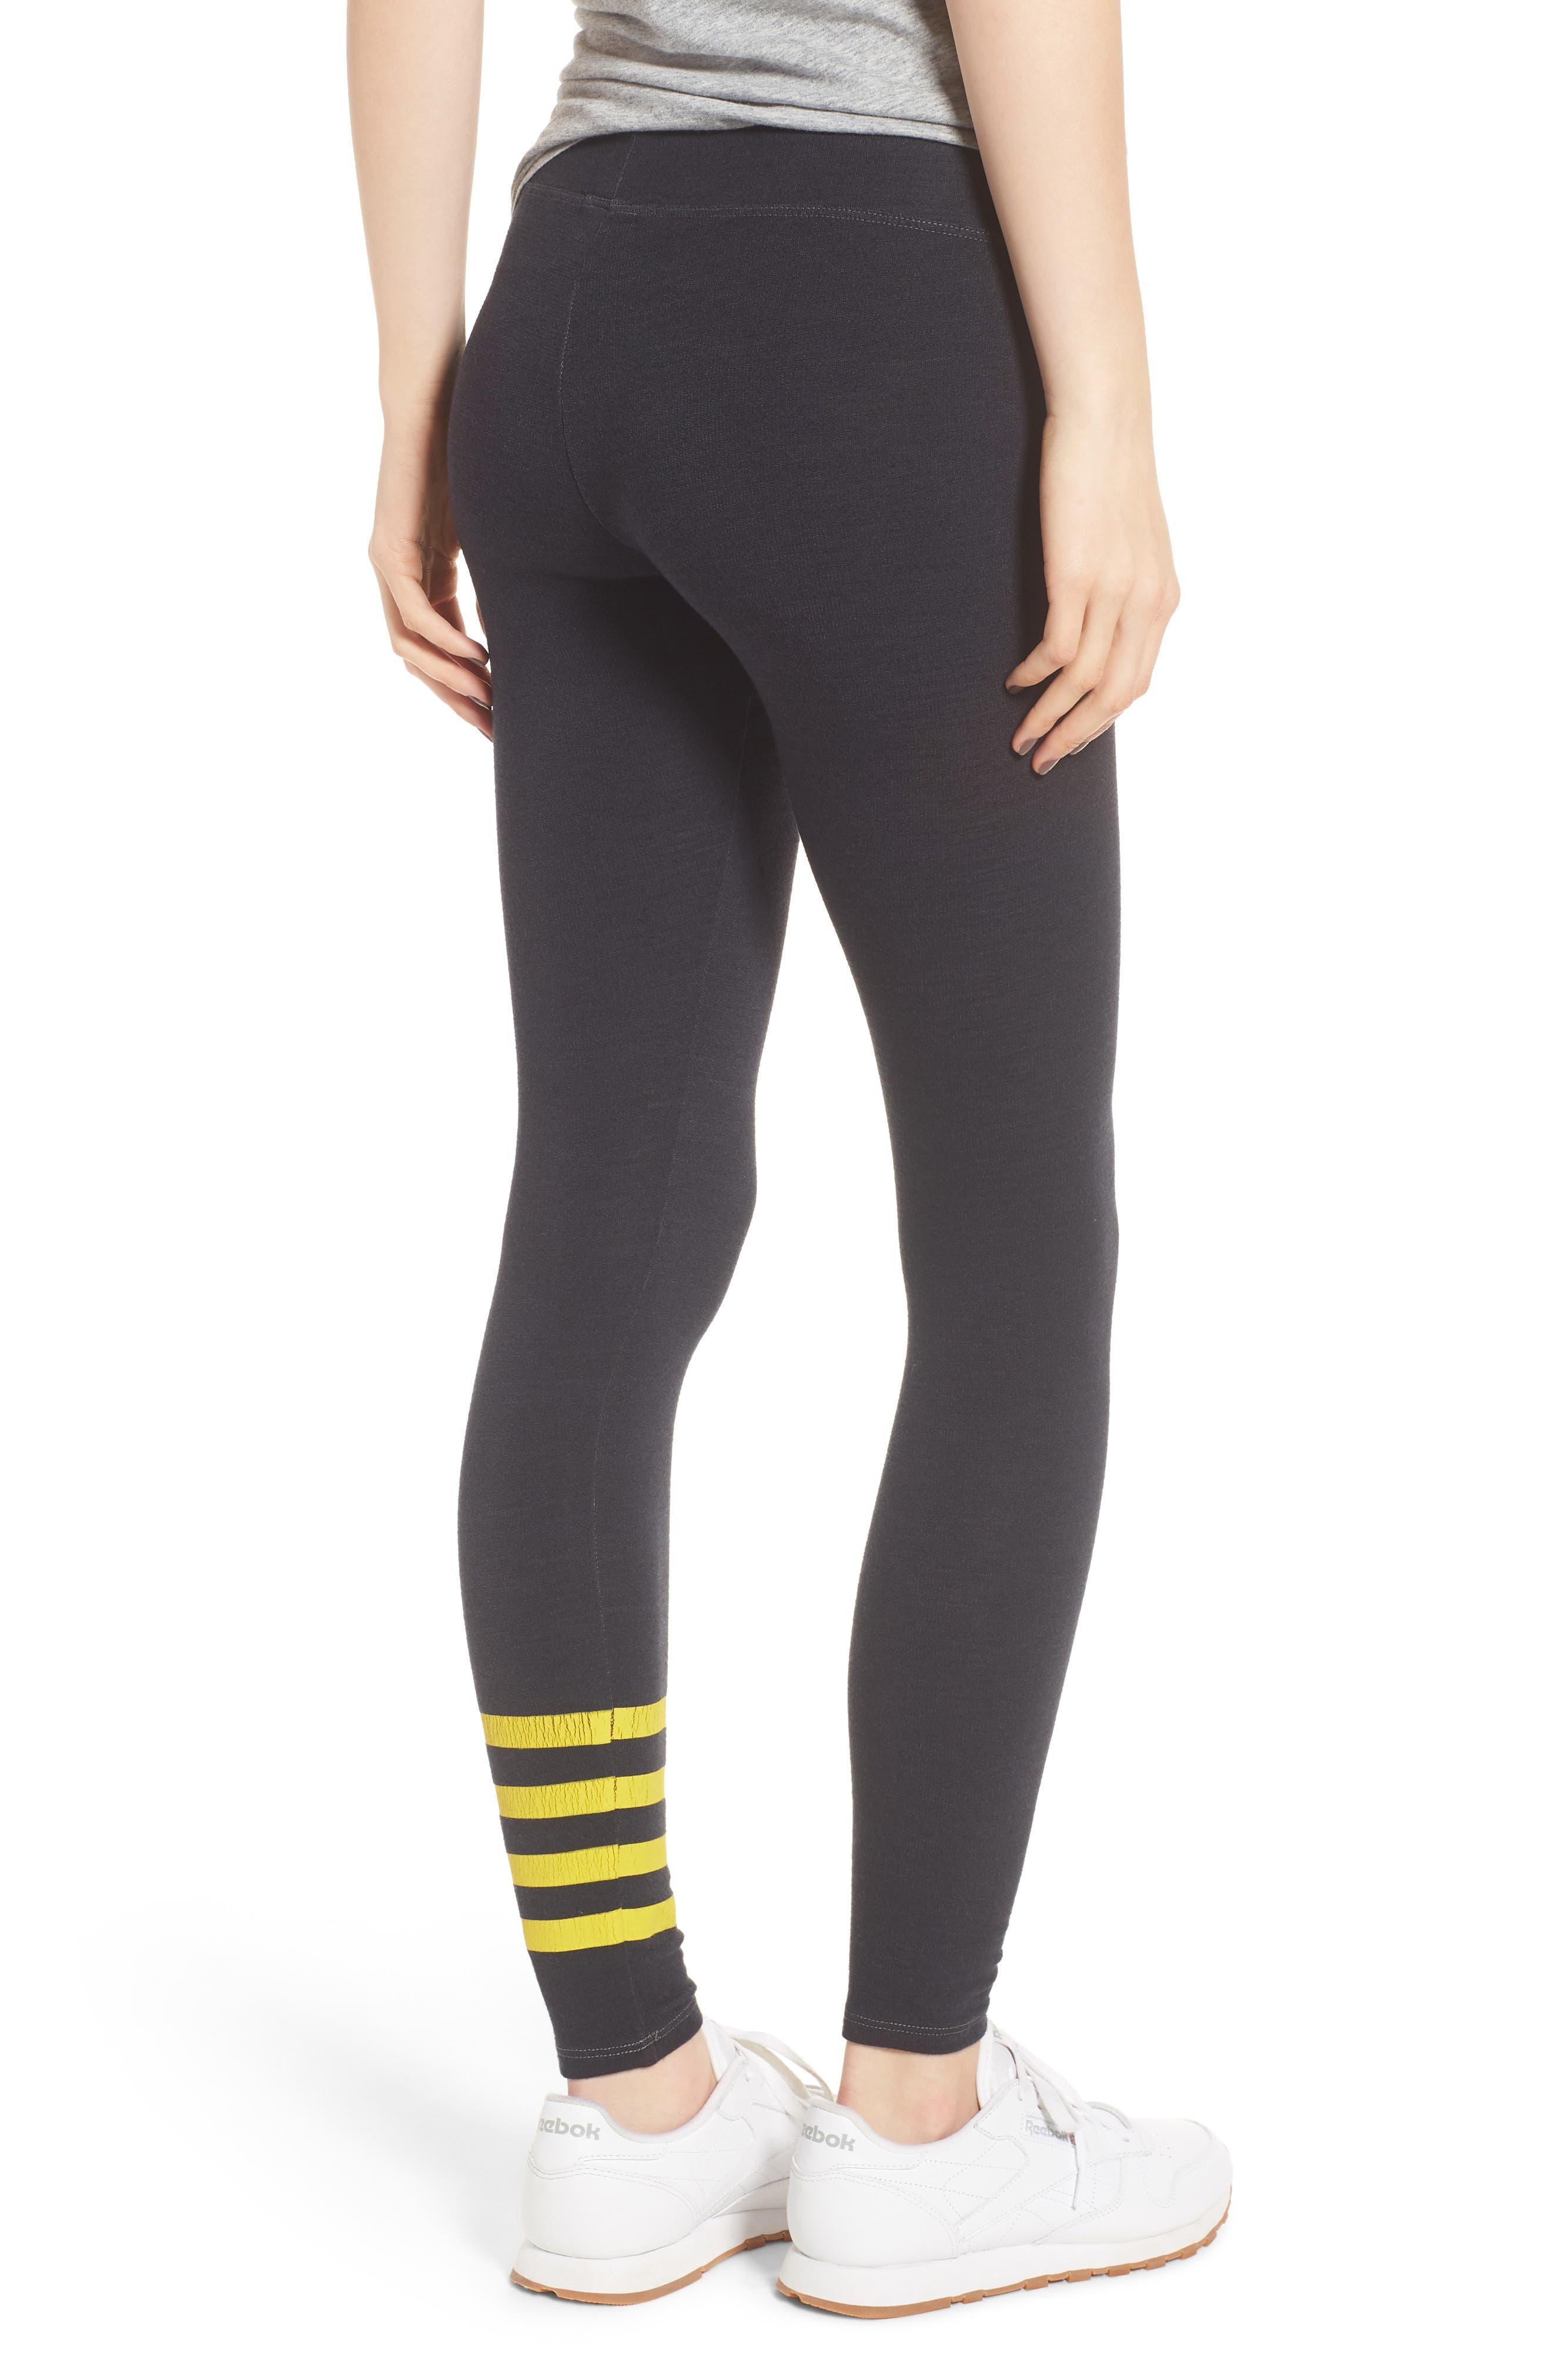 Stripe Yoga Pants,                             Alternate thumbnail 2, color,                             Old Black